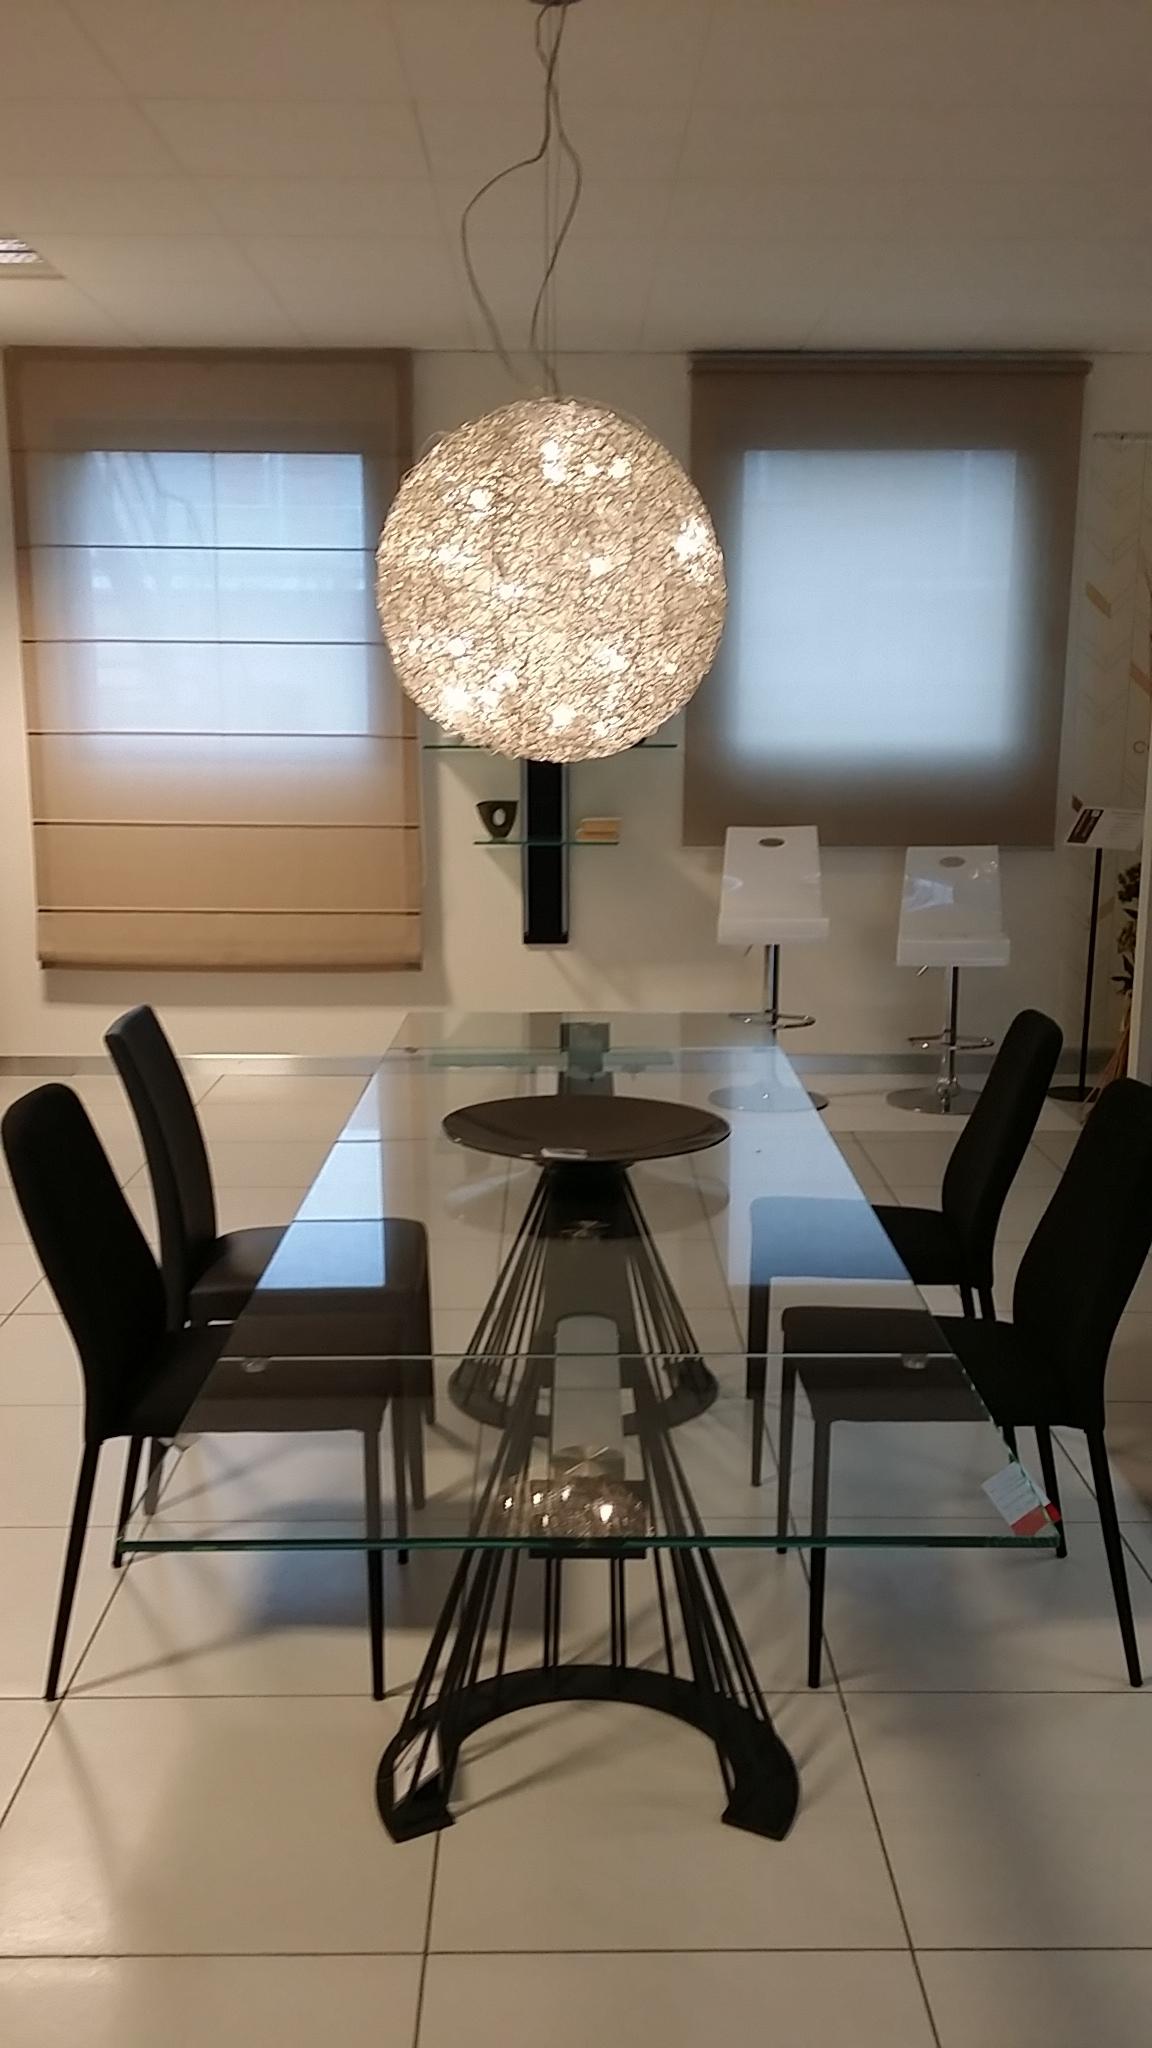 Awesome Lampade Design Outlet Photos - Idee Arredamento Casa ...